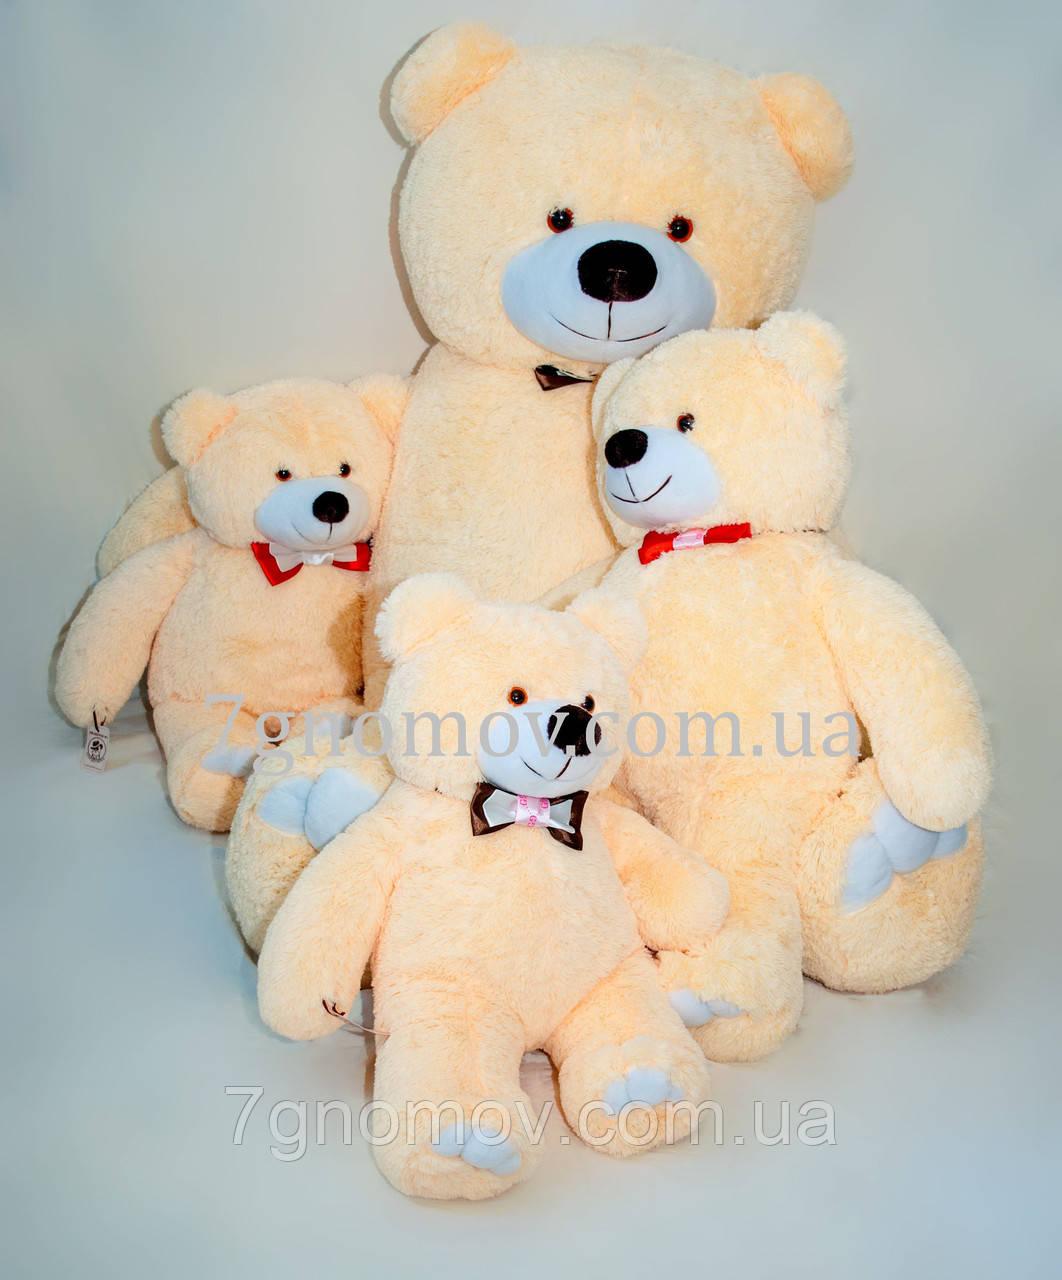 Плюшевый медведь бежевый 250 см